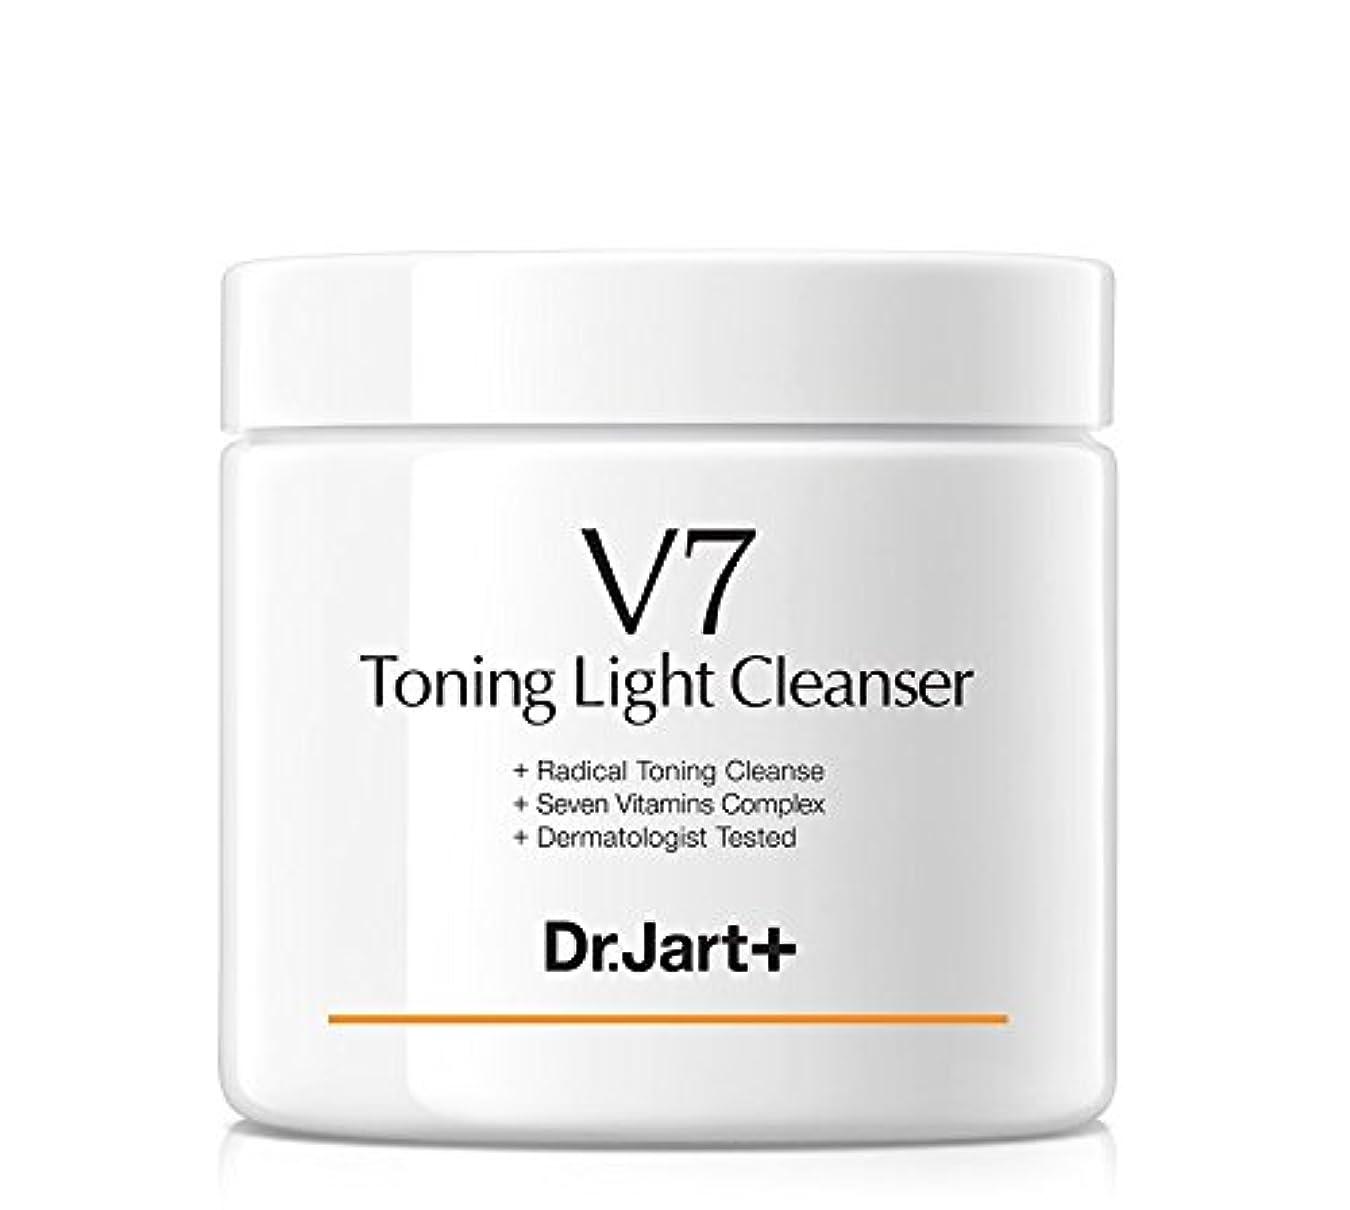 世界に死んだルーフ竜巻Dr.Jart+ V7 Toning Light Cleanser 100ml/ドクタージャルト V7 トーニング ライト クレンザー 100ml [並行輸入品]